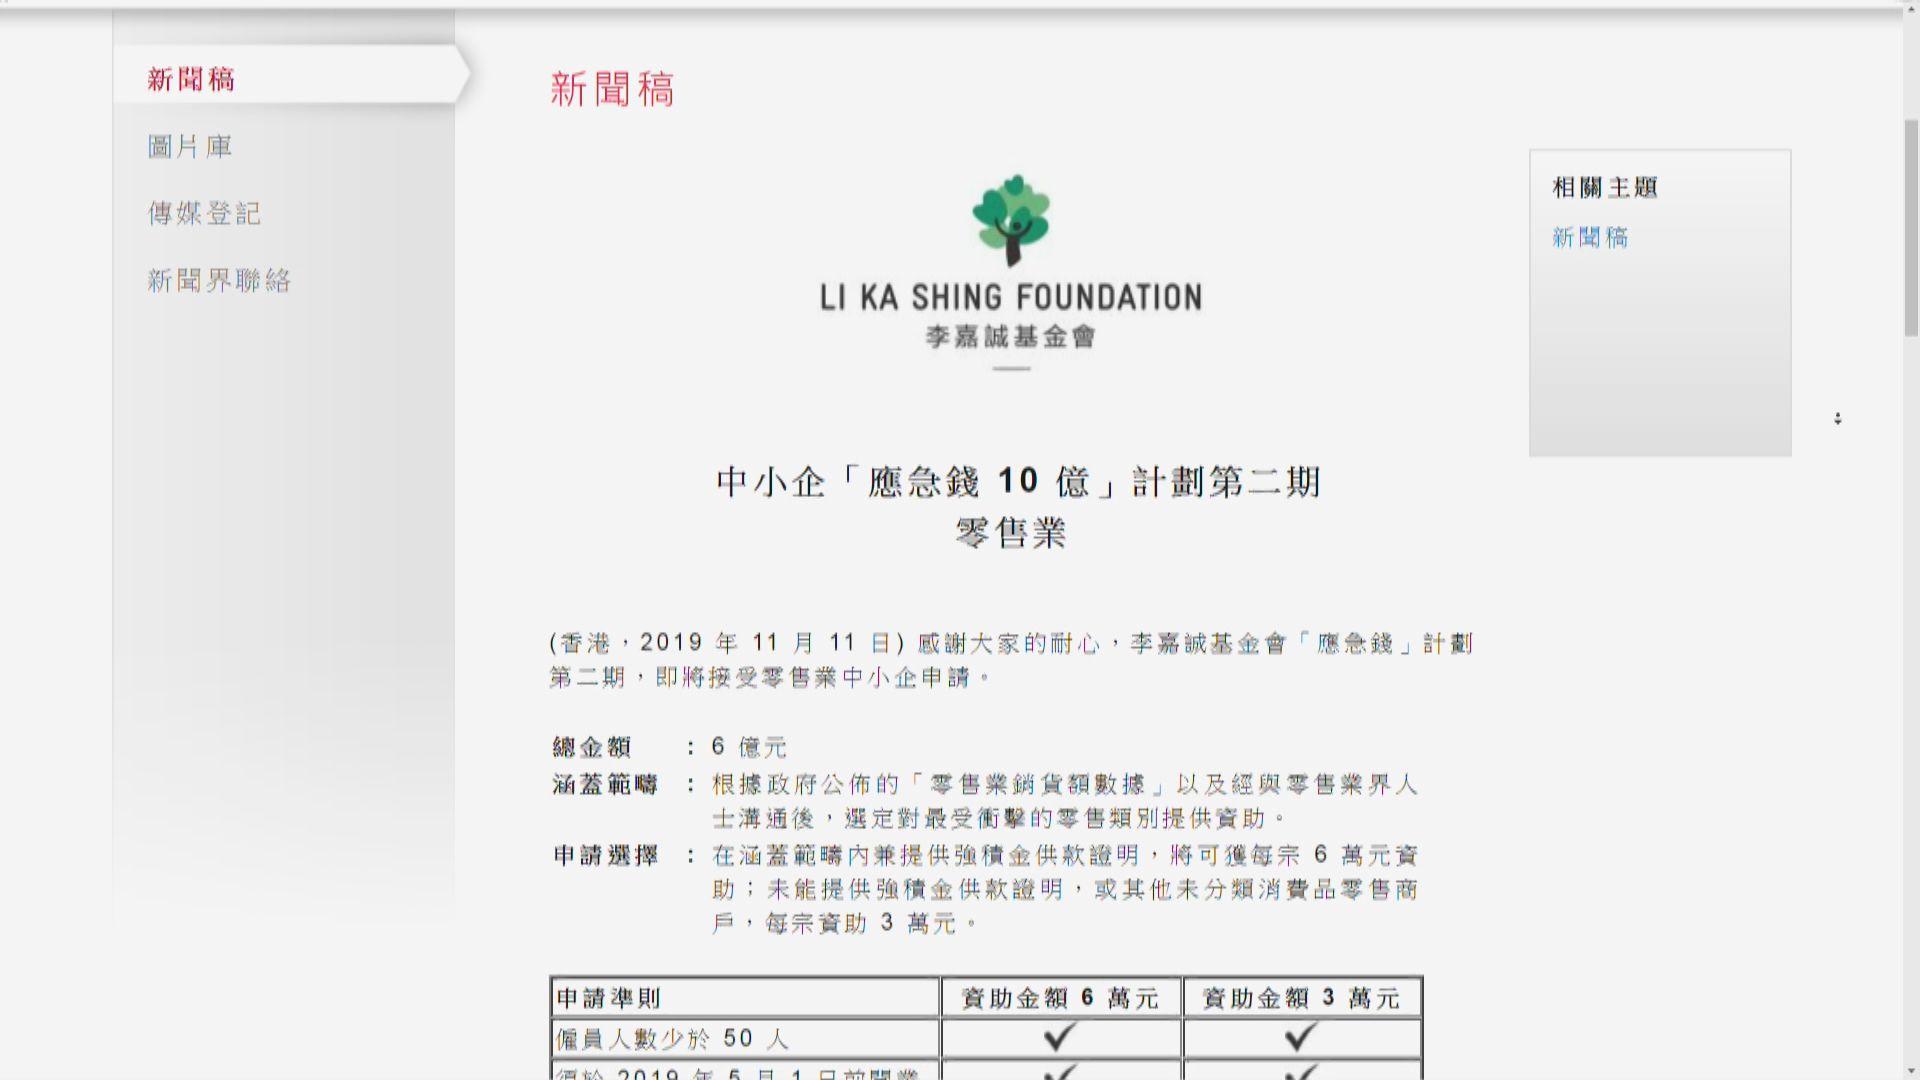 【第二期援助】李嘉誠基金會「應急錢」助零售業 共涉6億元